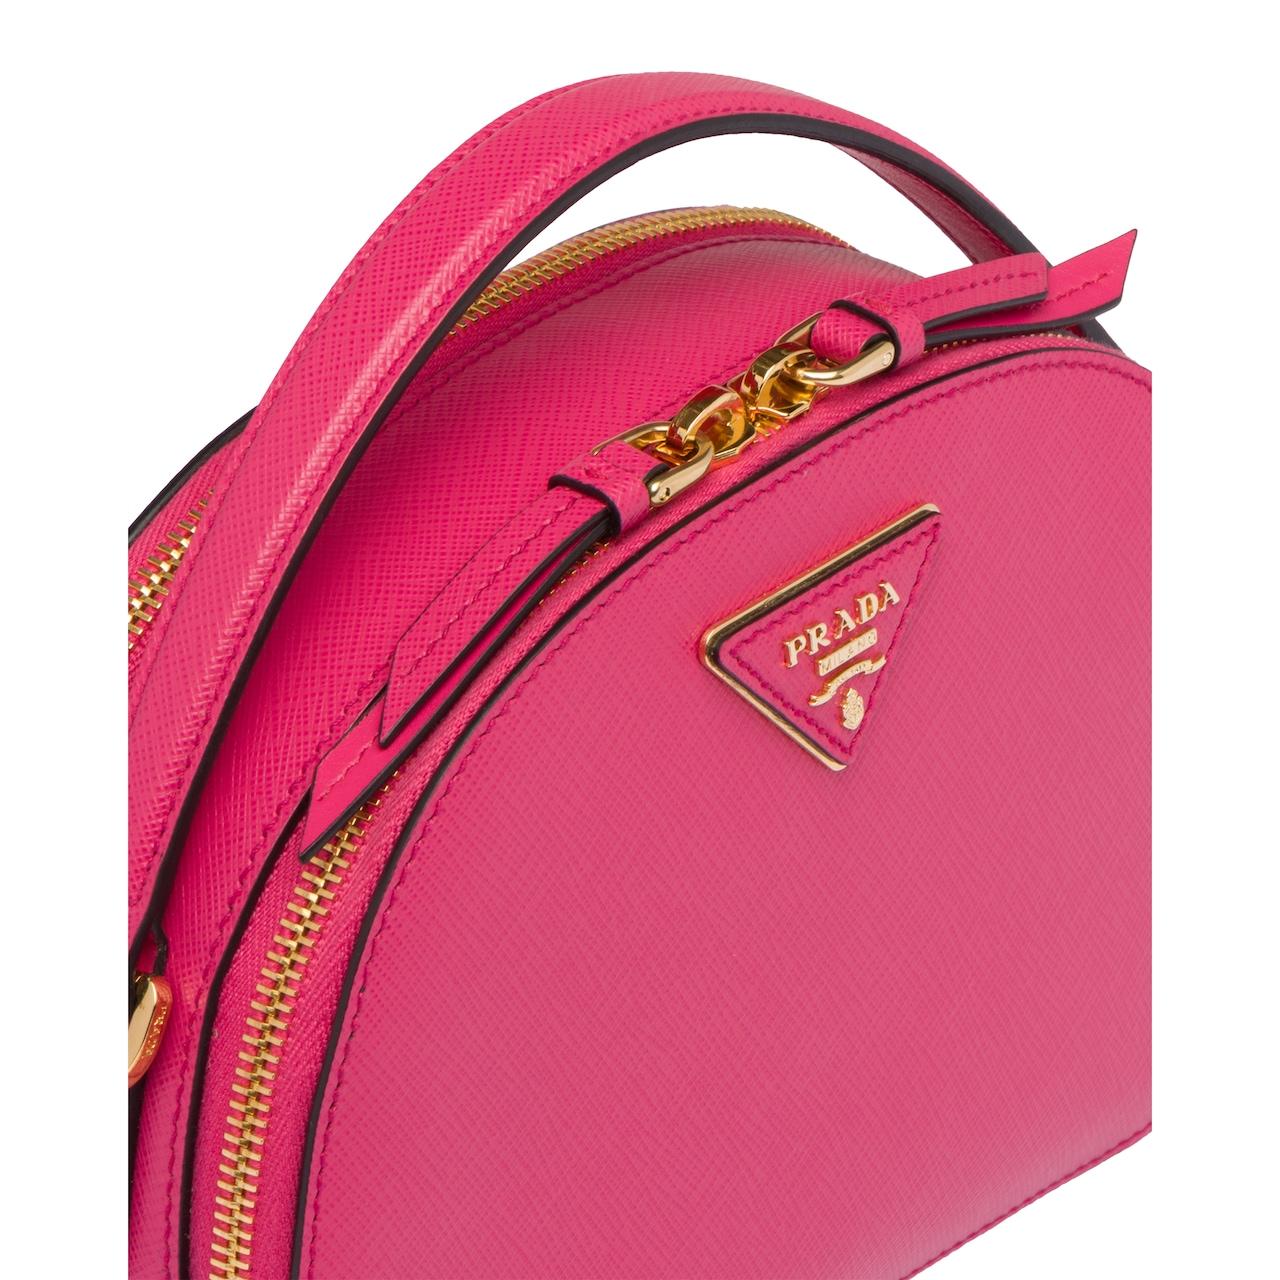 Prada Prada Odette Saffiano leather bag 6